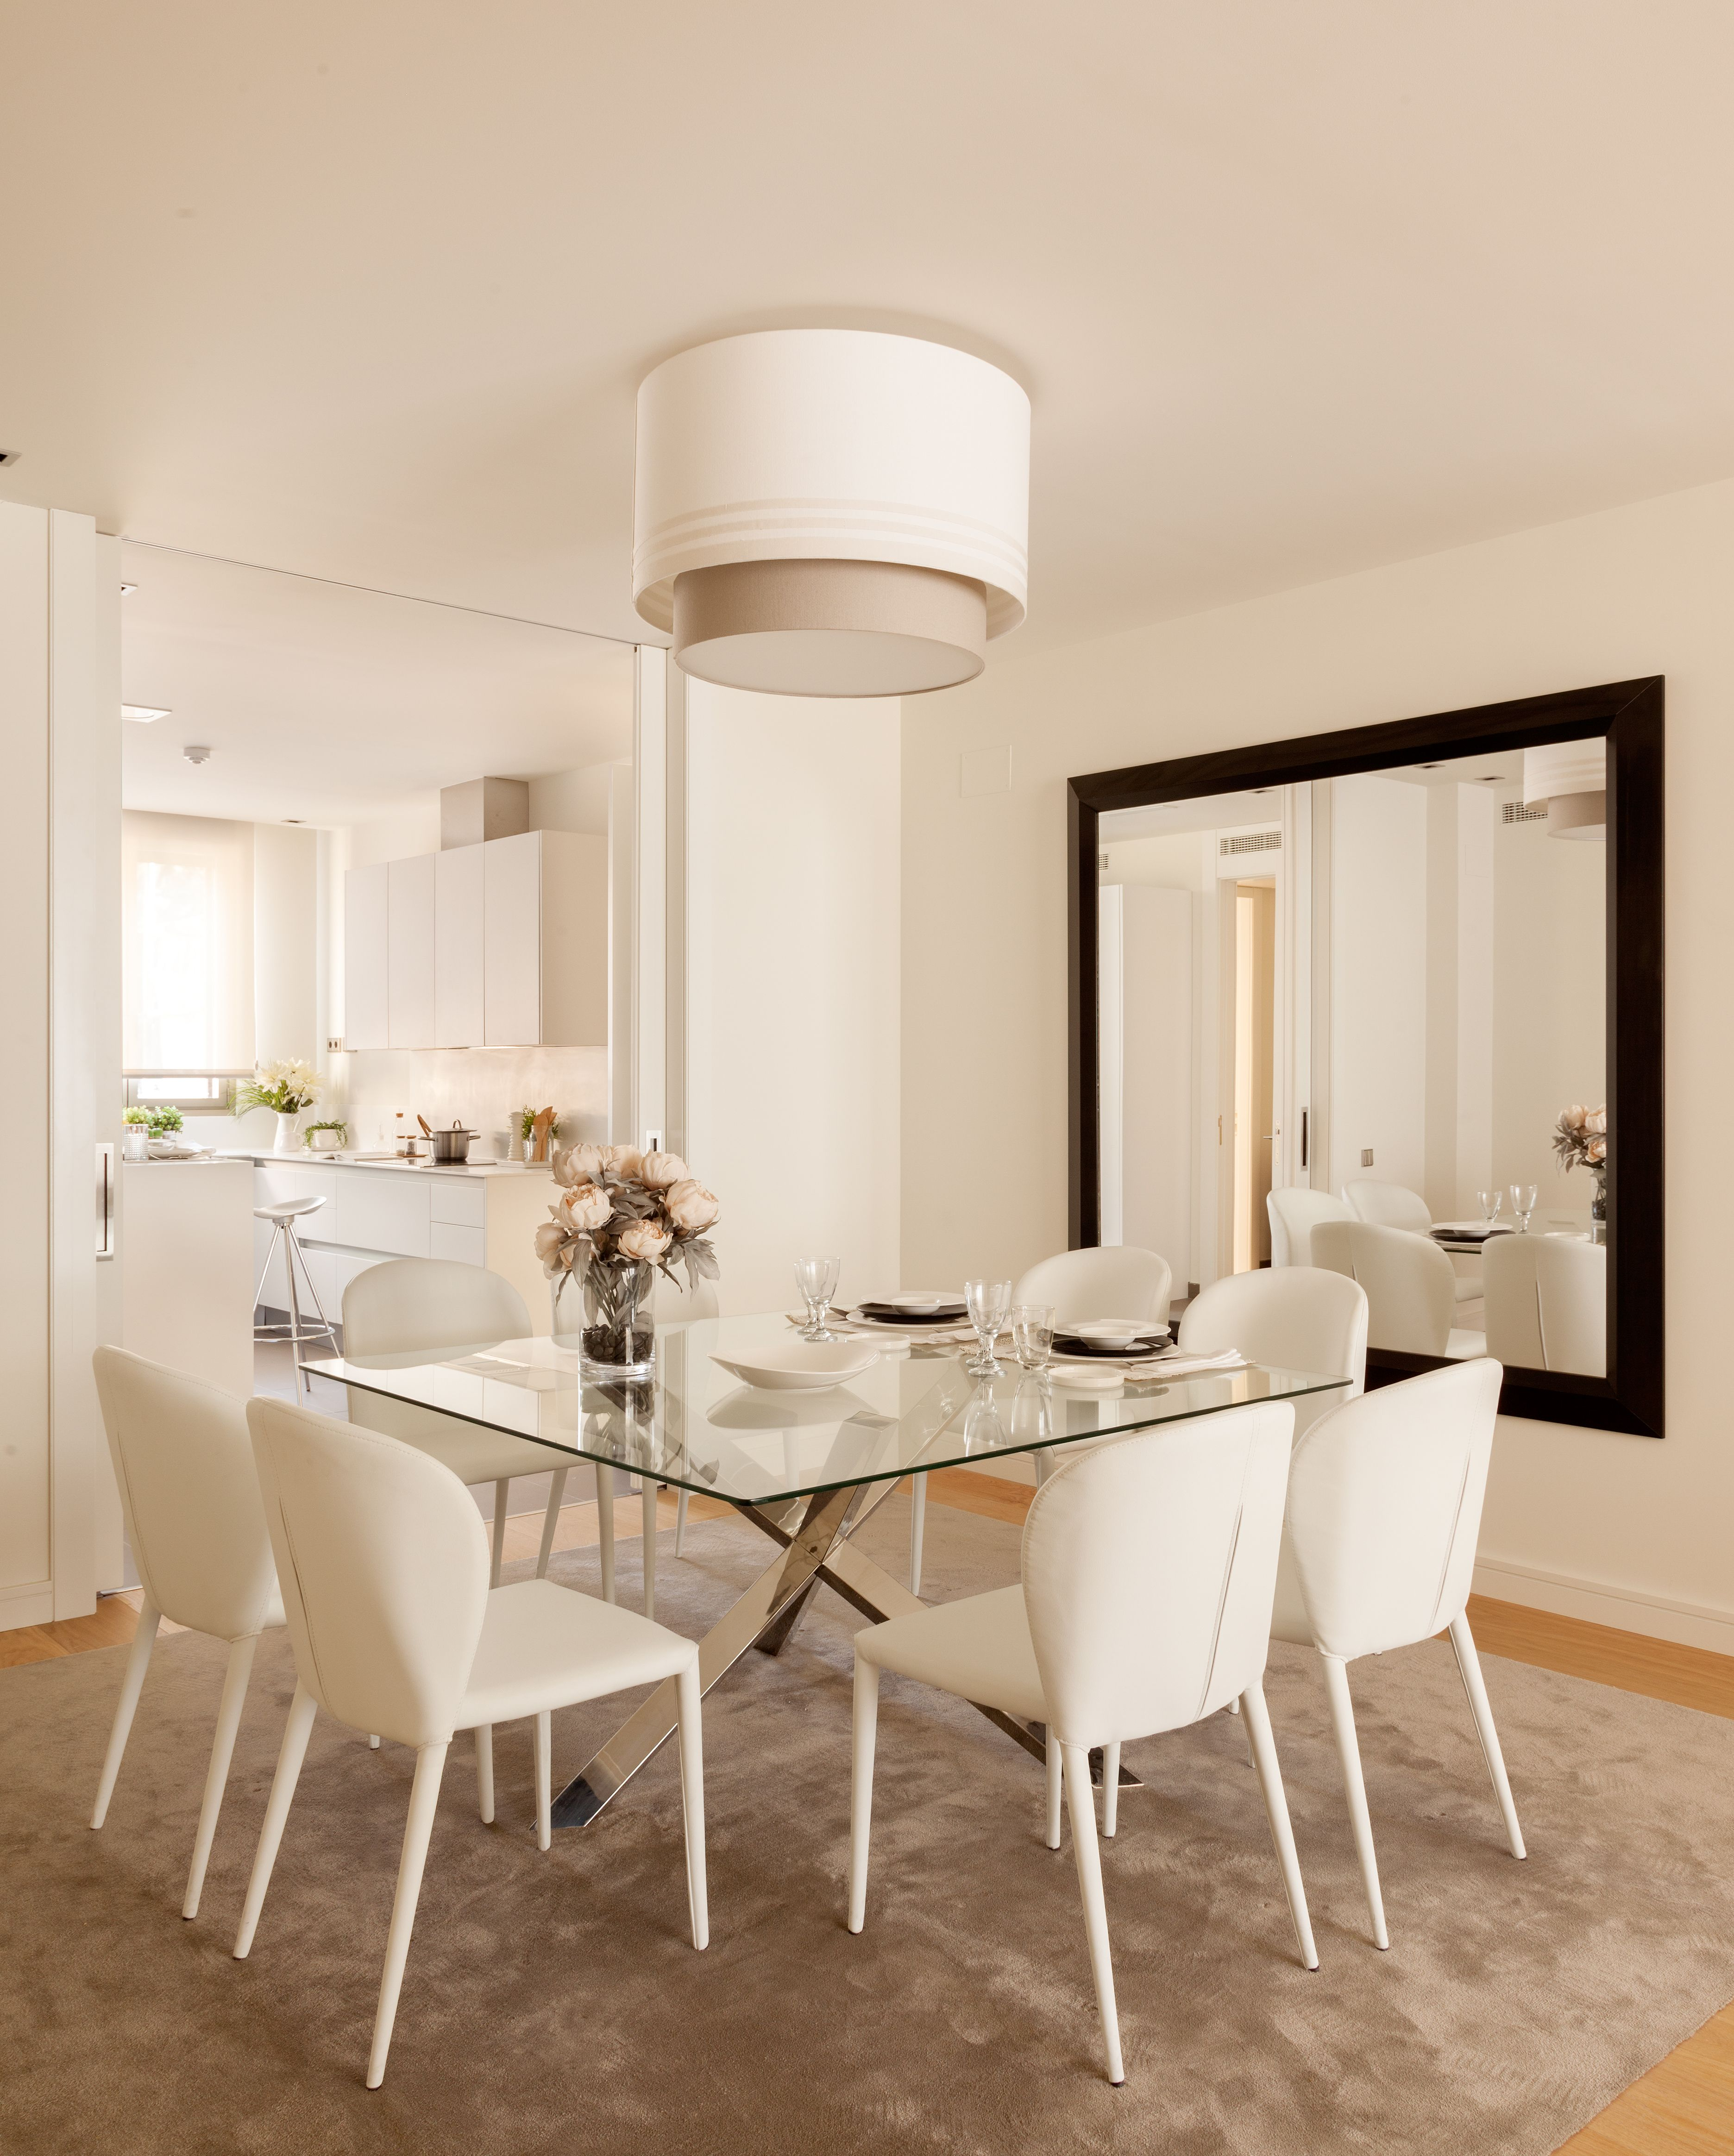 Sala Da Pranzo Moderni.Sala Da Pranzo Contemporaneo Moderno Bianco Nel 2019